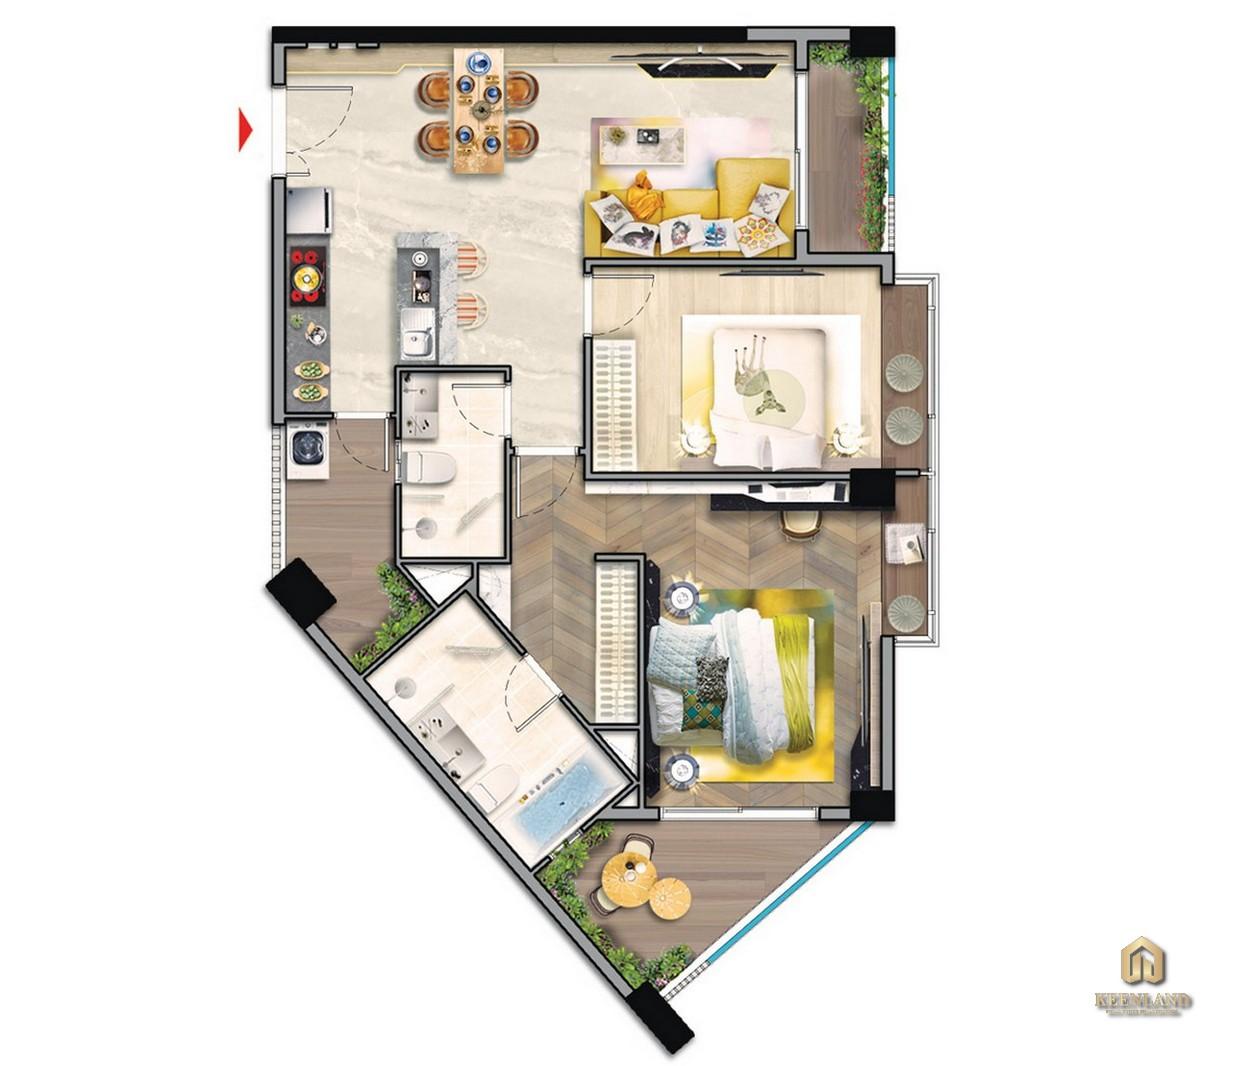 Thiết kế chi tiết căn hộ điển hình 2PN tòa M8A dự án Midtown The Peak Quận 7